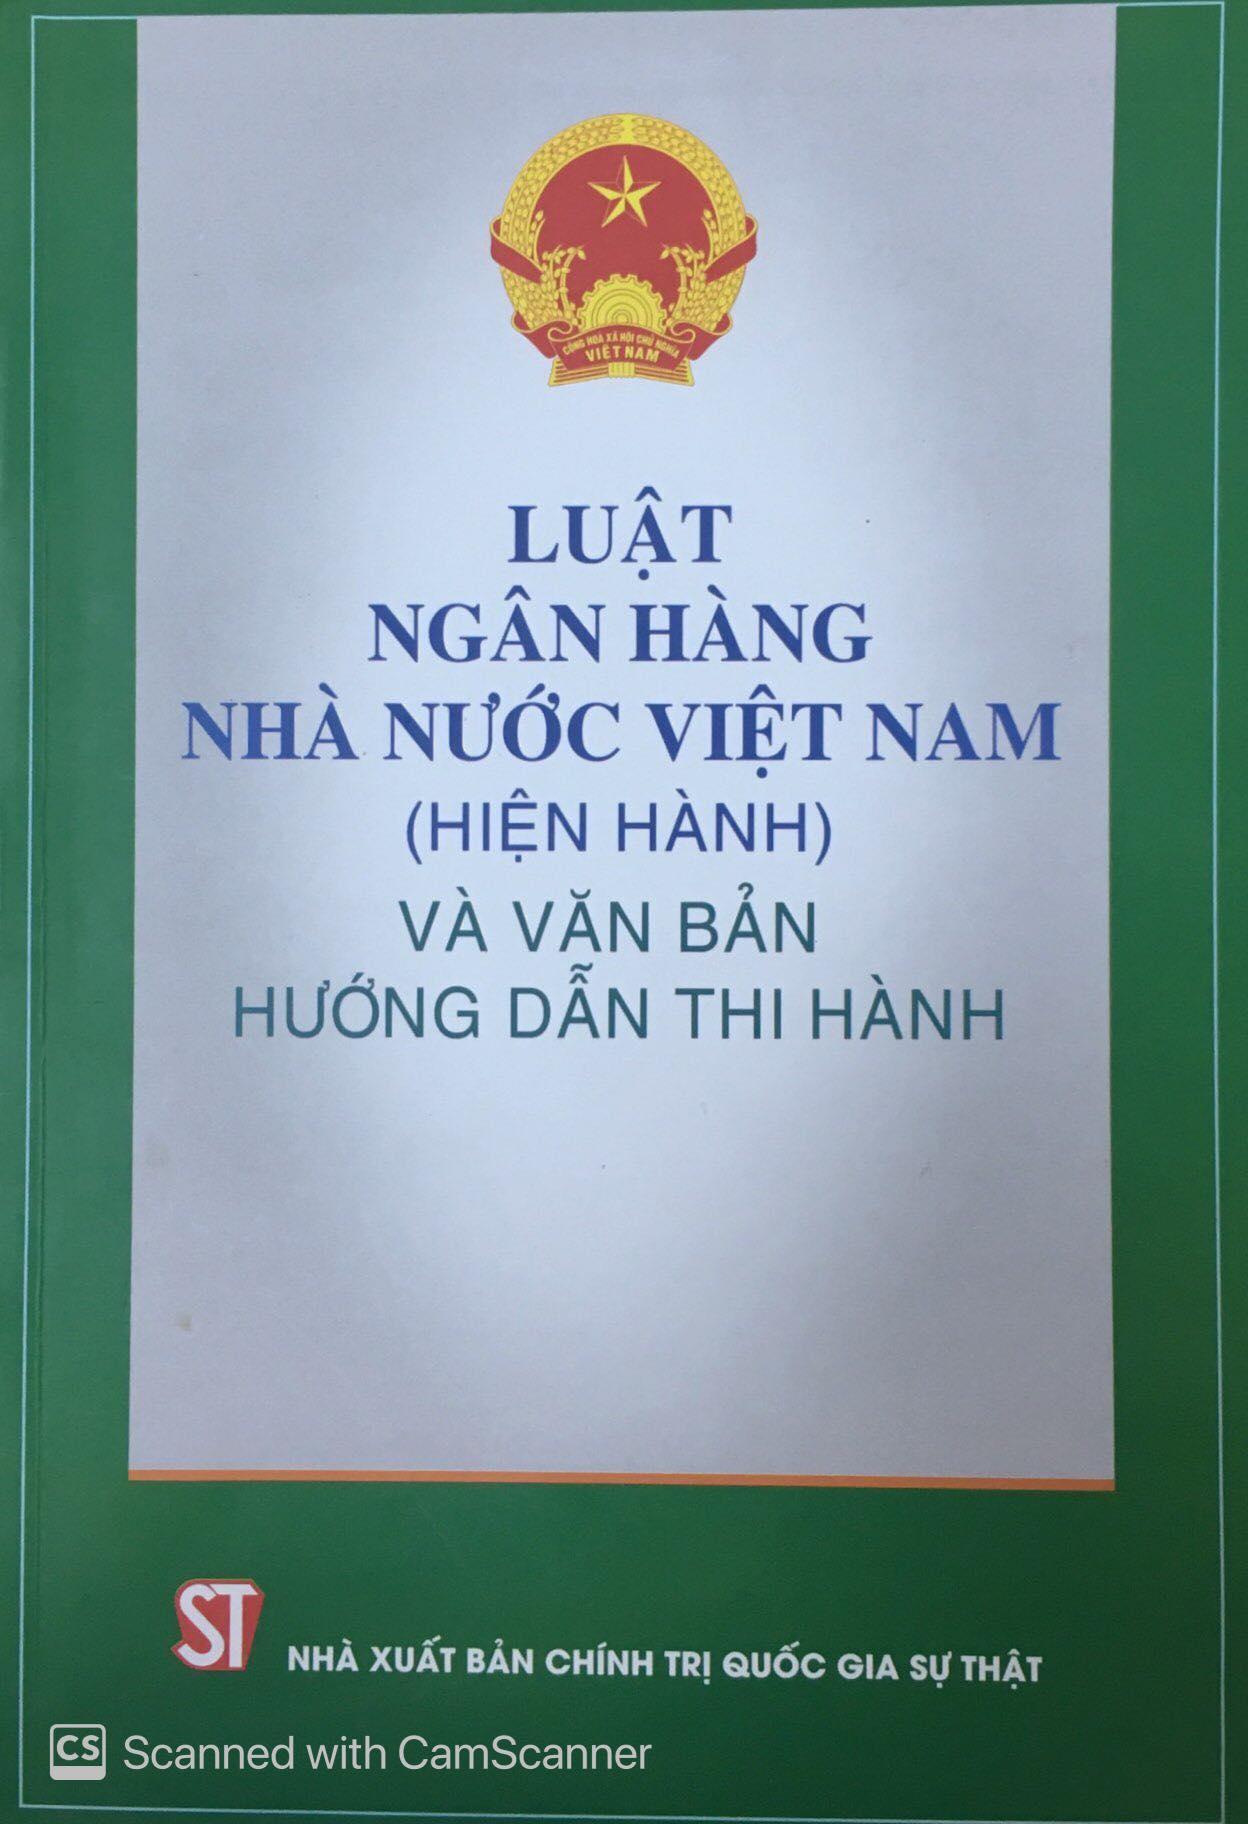 Luật Ngân hàng Nhà nước Việt Nam (hiện hành) và văn bản hướng dẫn thi hành